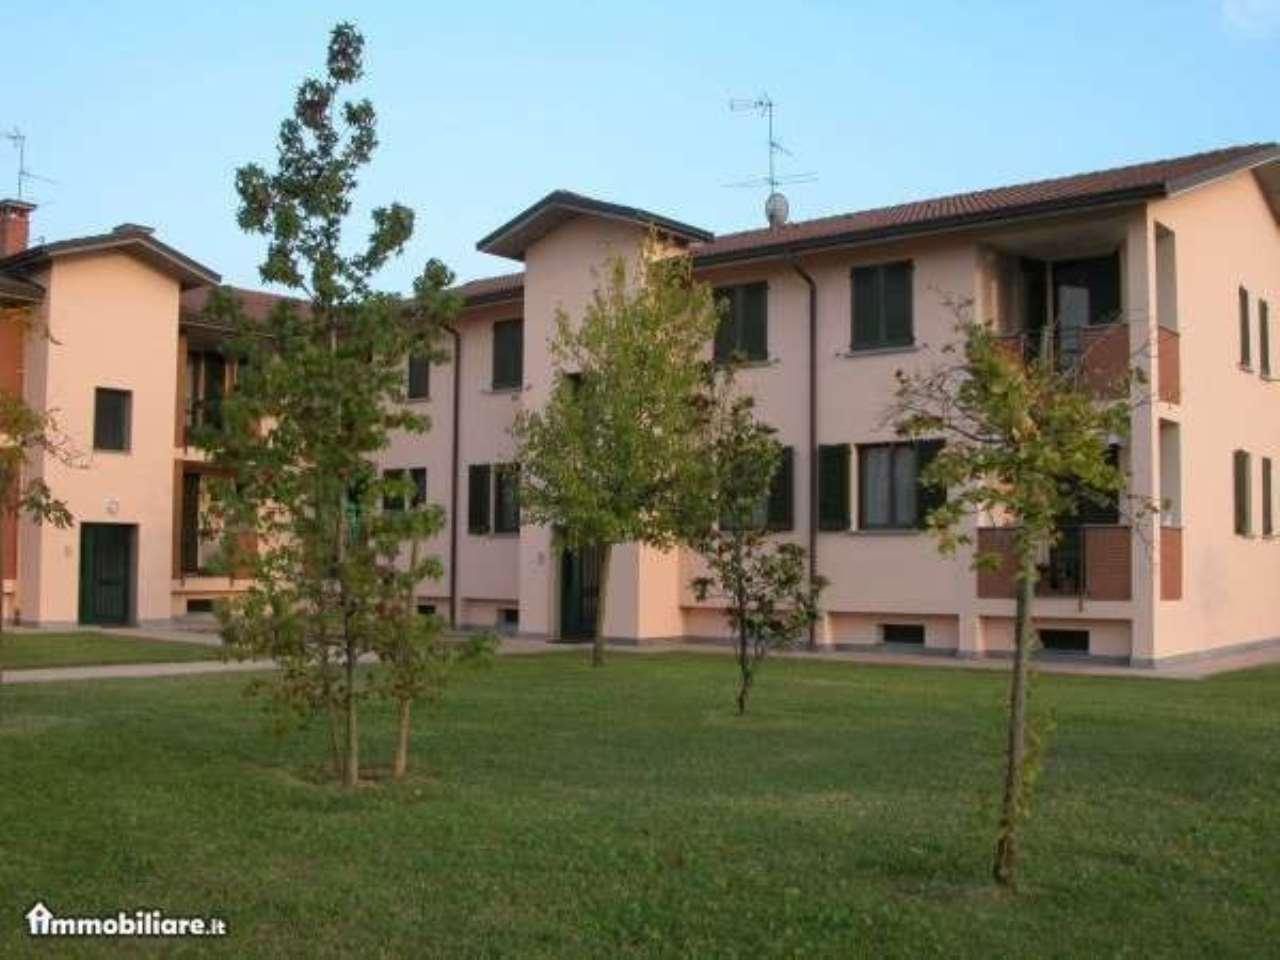 Appartamento in affitto a Certosa di Pavia, 2 locali, prezzo € 450   CambioCasa.it